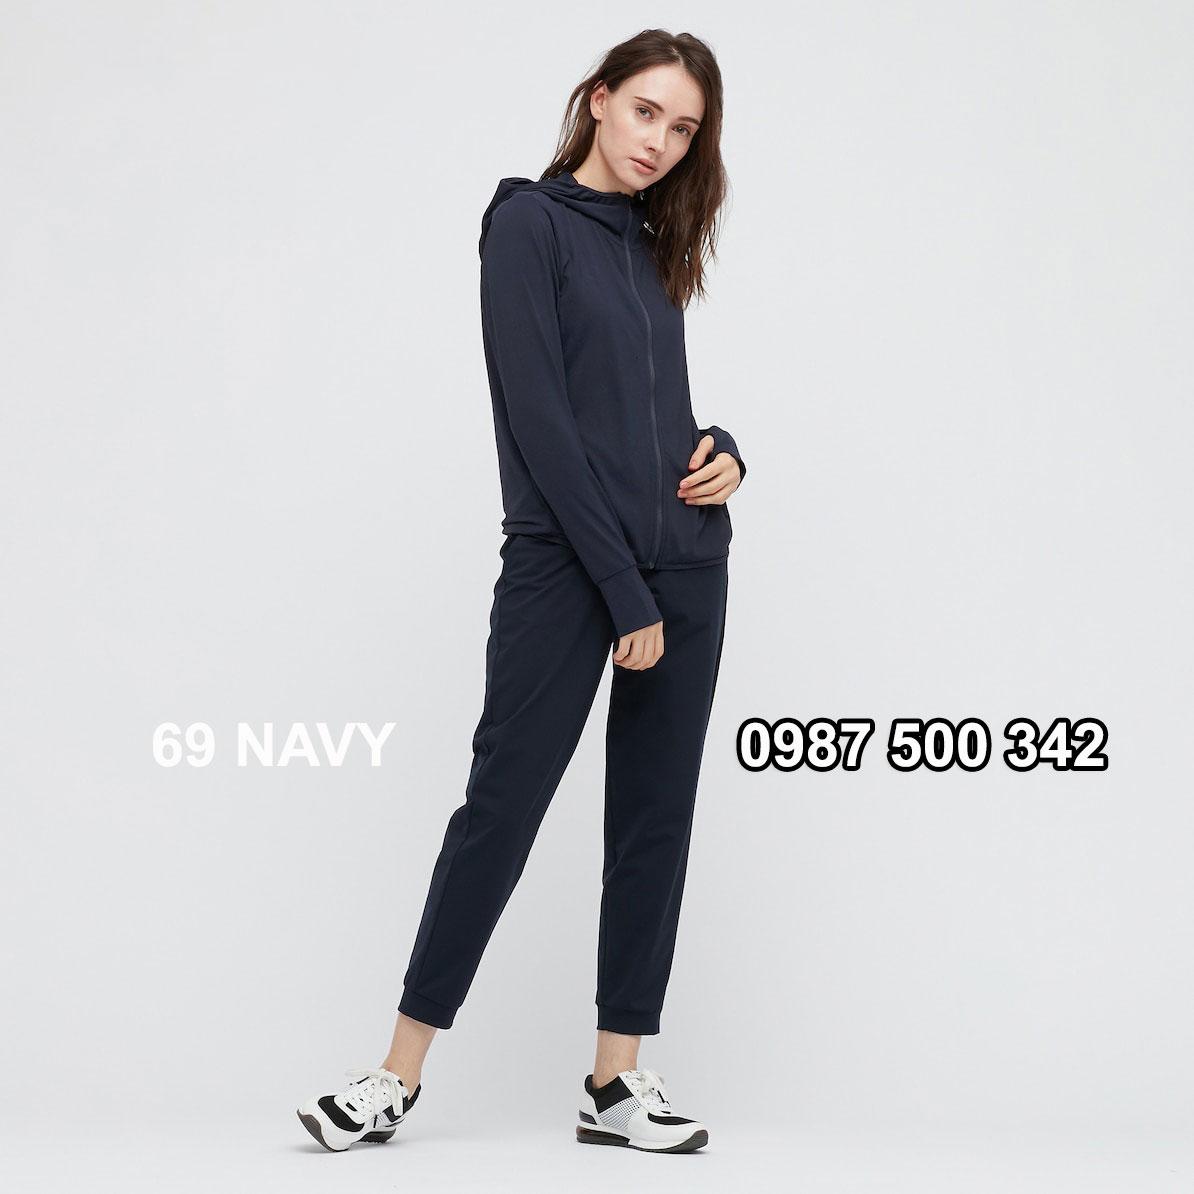 Áo chống nắng nữ AIRism hoodie chống UV vải mắt lưới mẫu mới 2021 mã 433703 màu xanh đen 69 NAVY